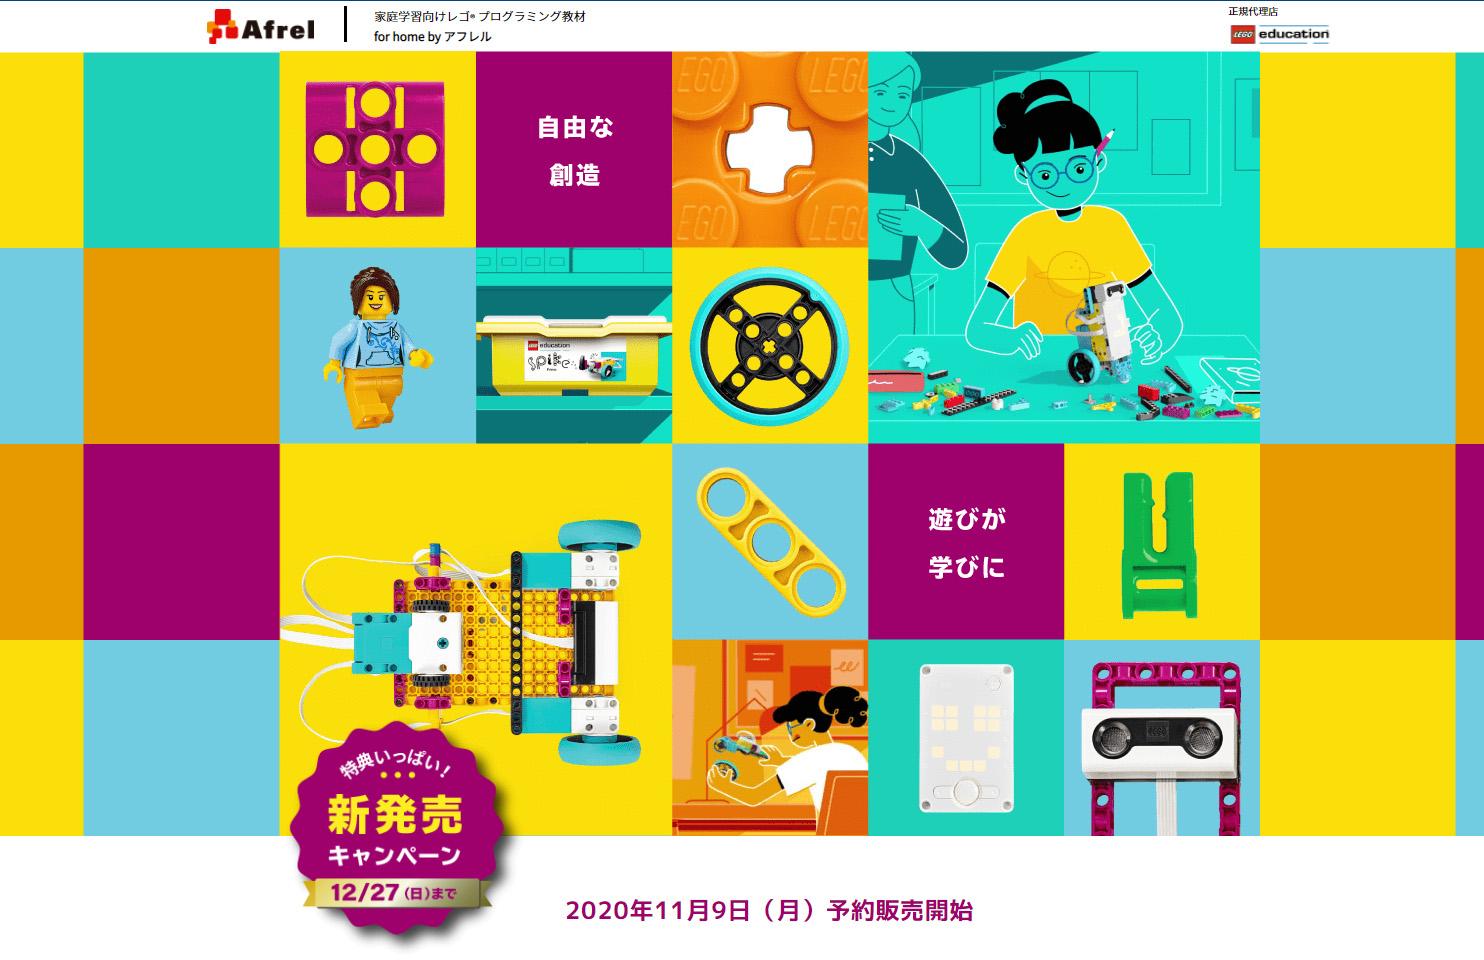 レゴWeDo 2.0 for home無料モニター募集